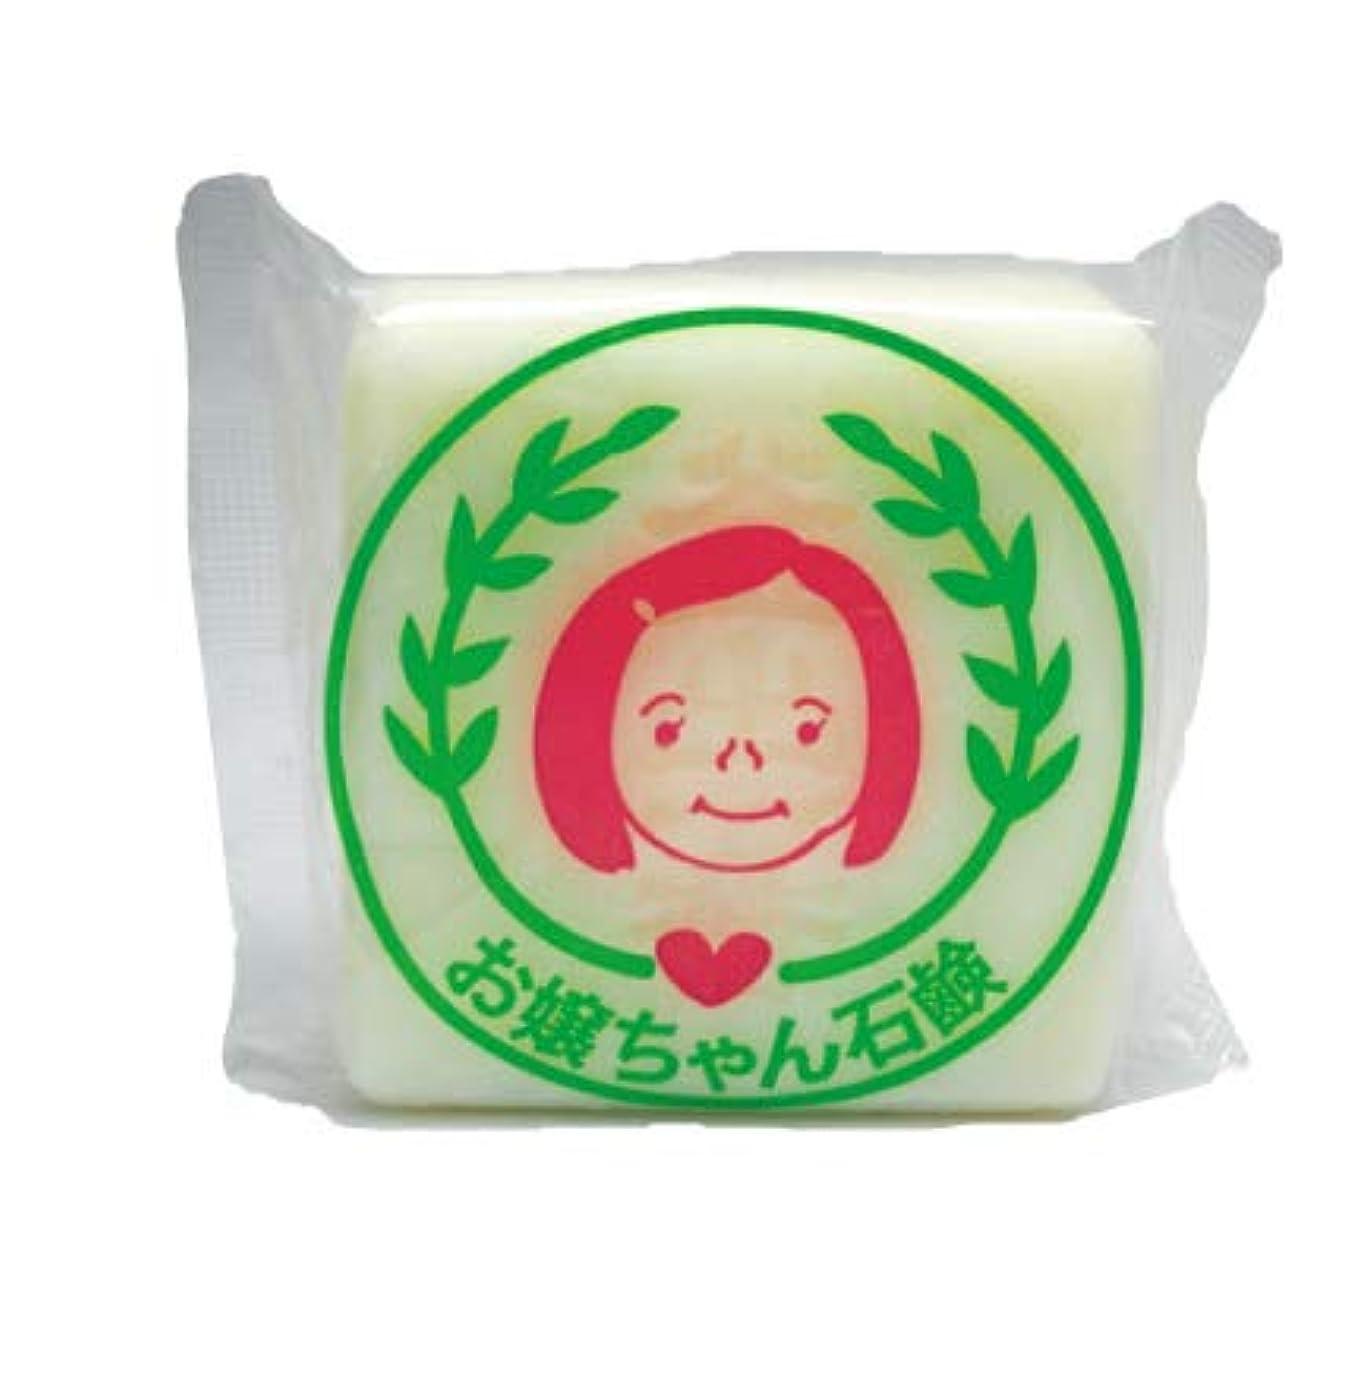 所持子豚小屋新しいお嬢ちゃん石鹸(100g)